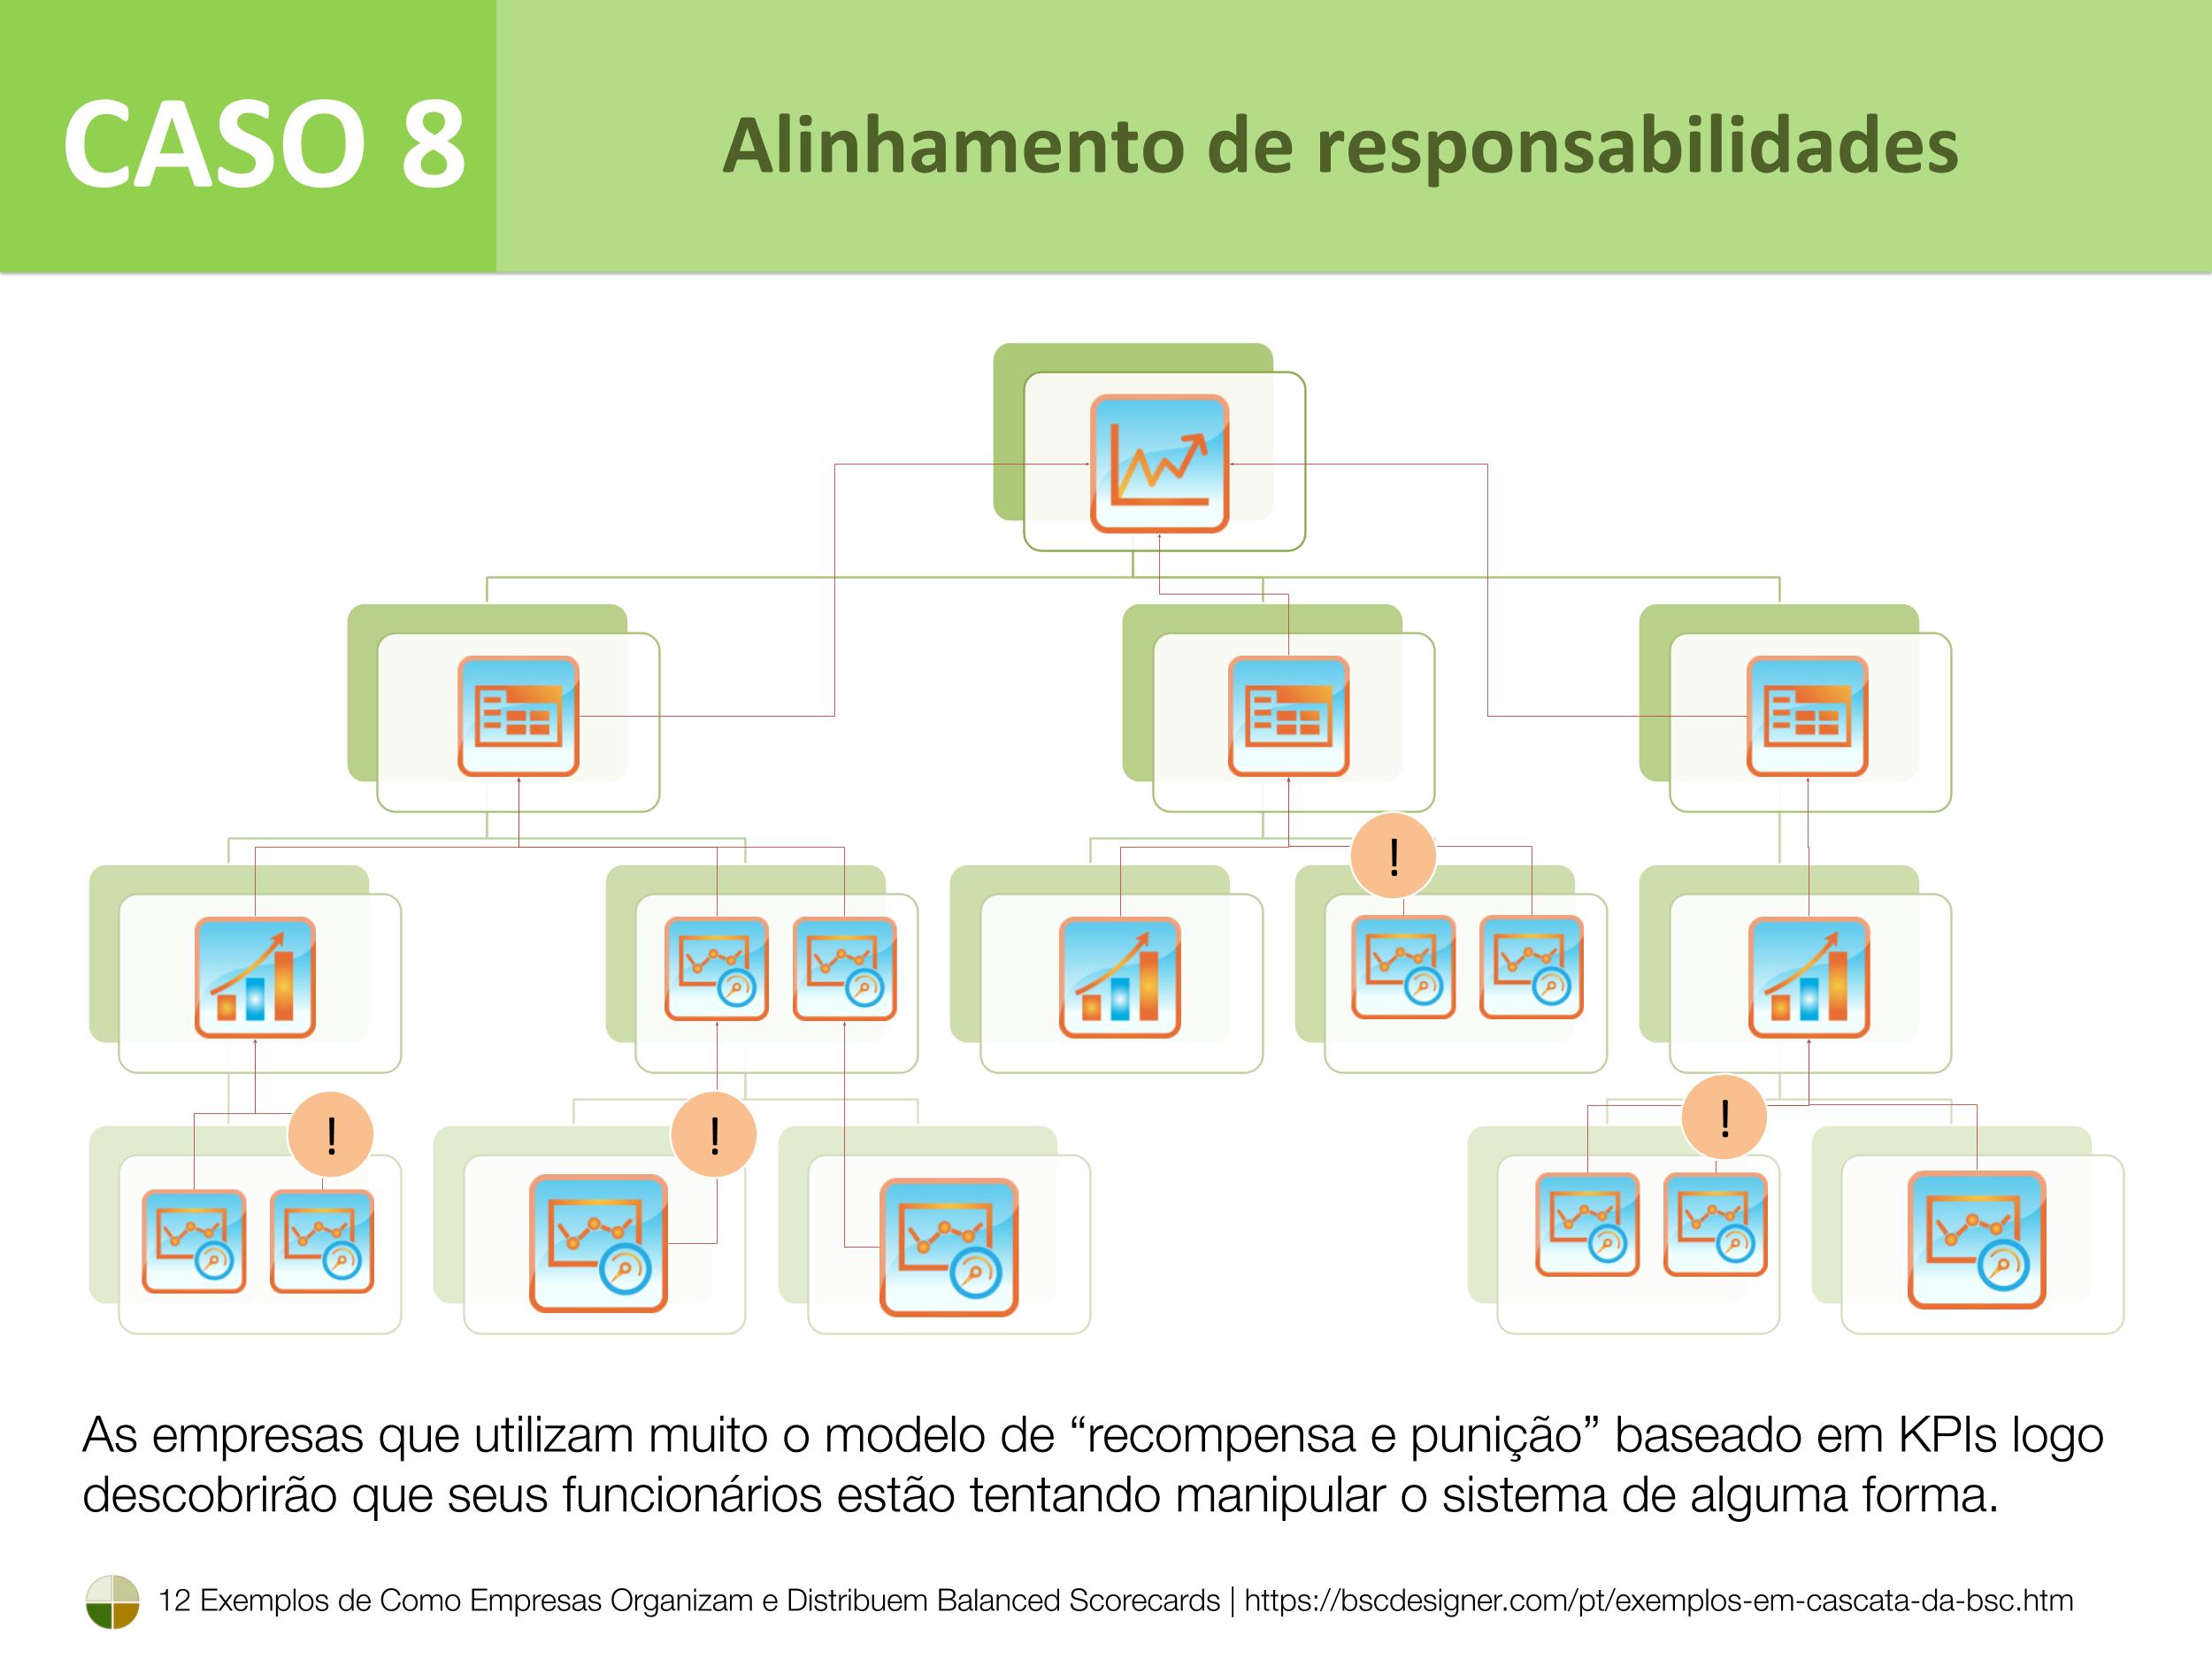 Caso 8 – Alinhamento de responsabilidades